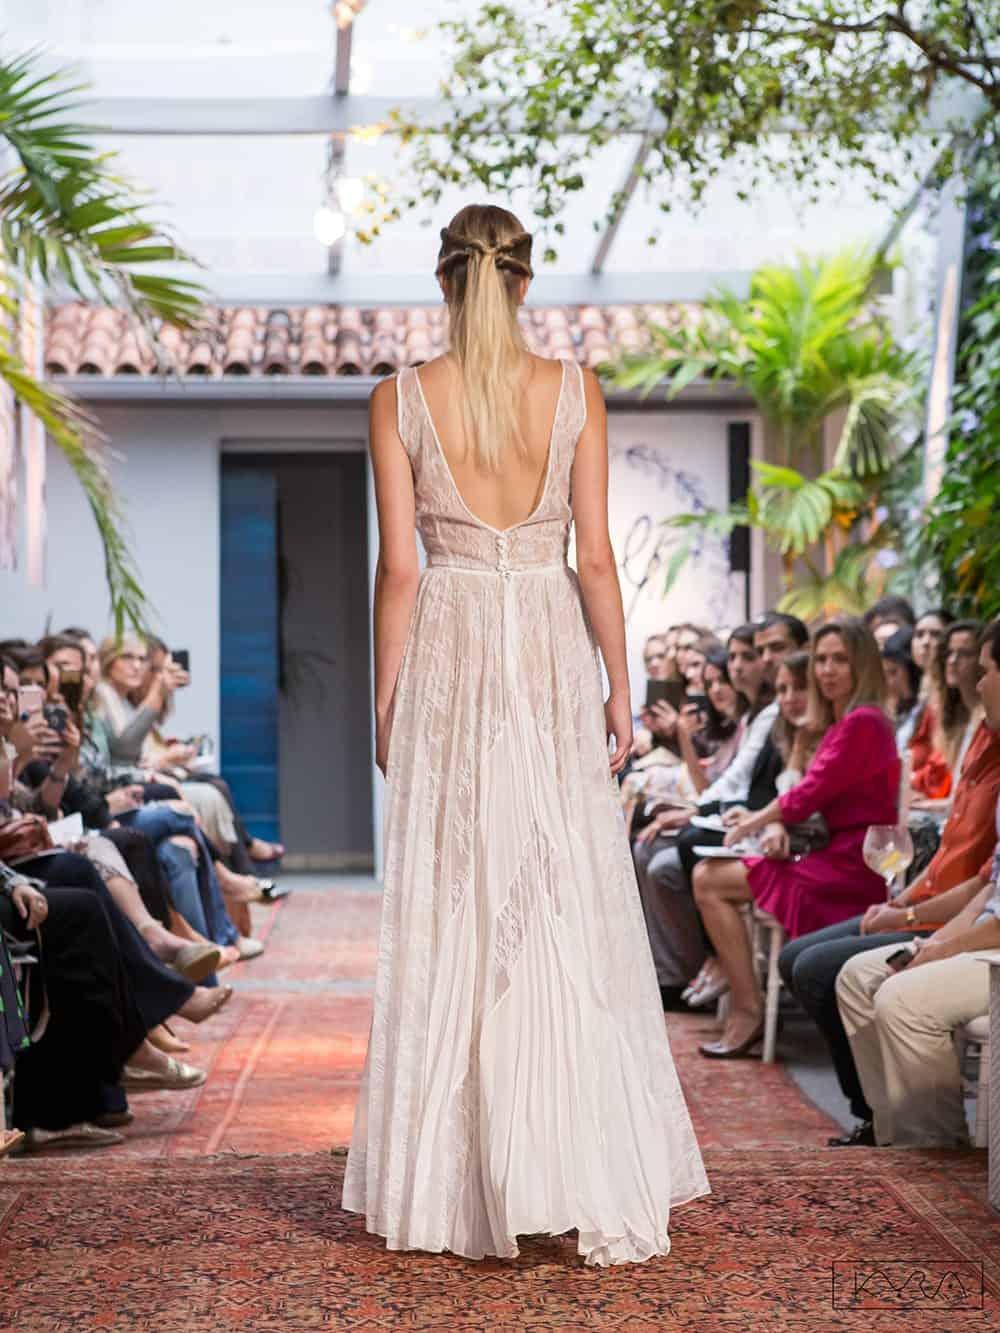 desfile-vestido-de-noiva-entardecer-julia-golldenzon-foto-kyra-mirsky-88